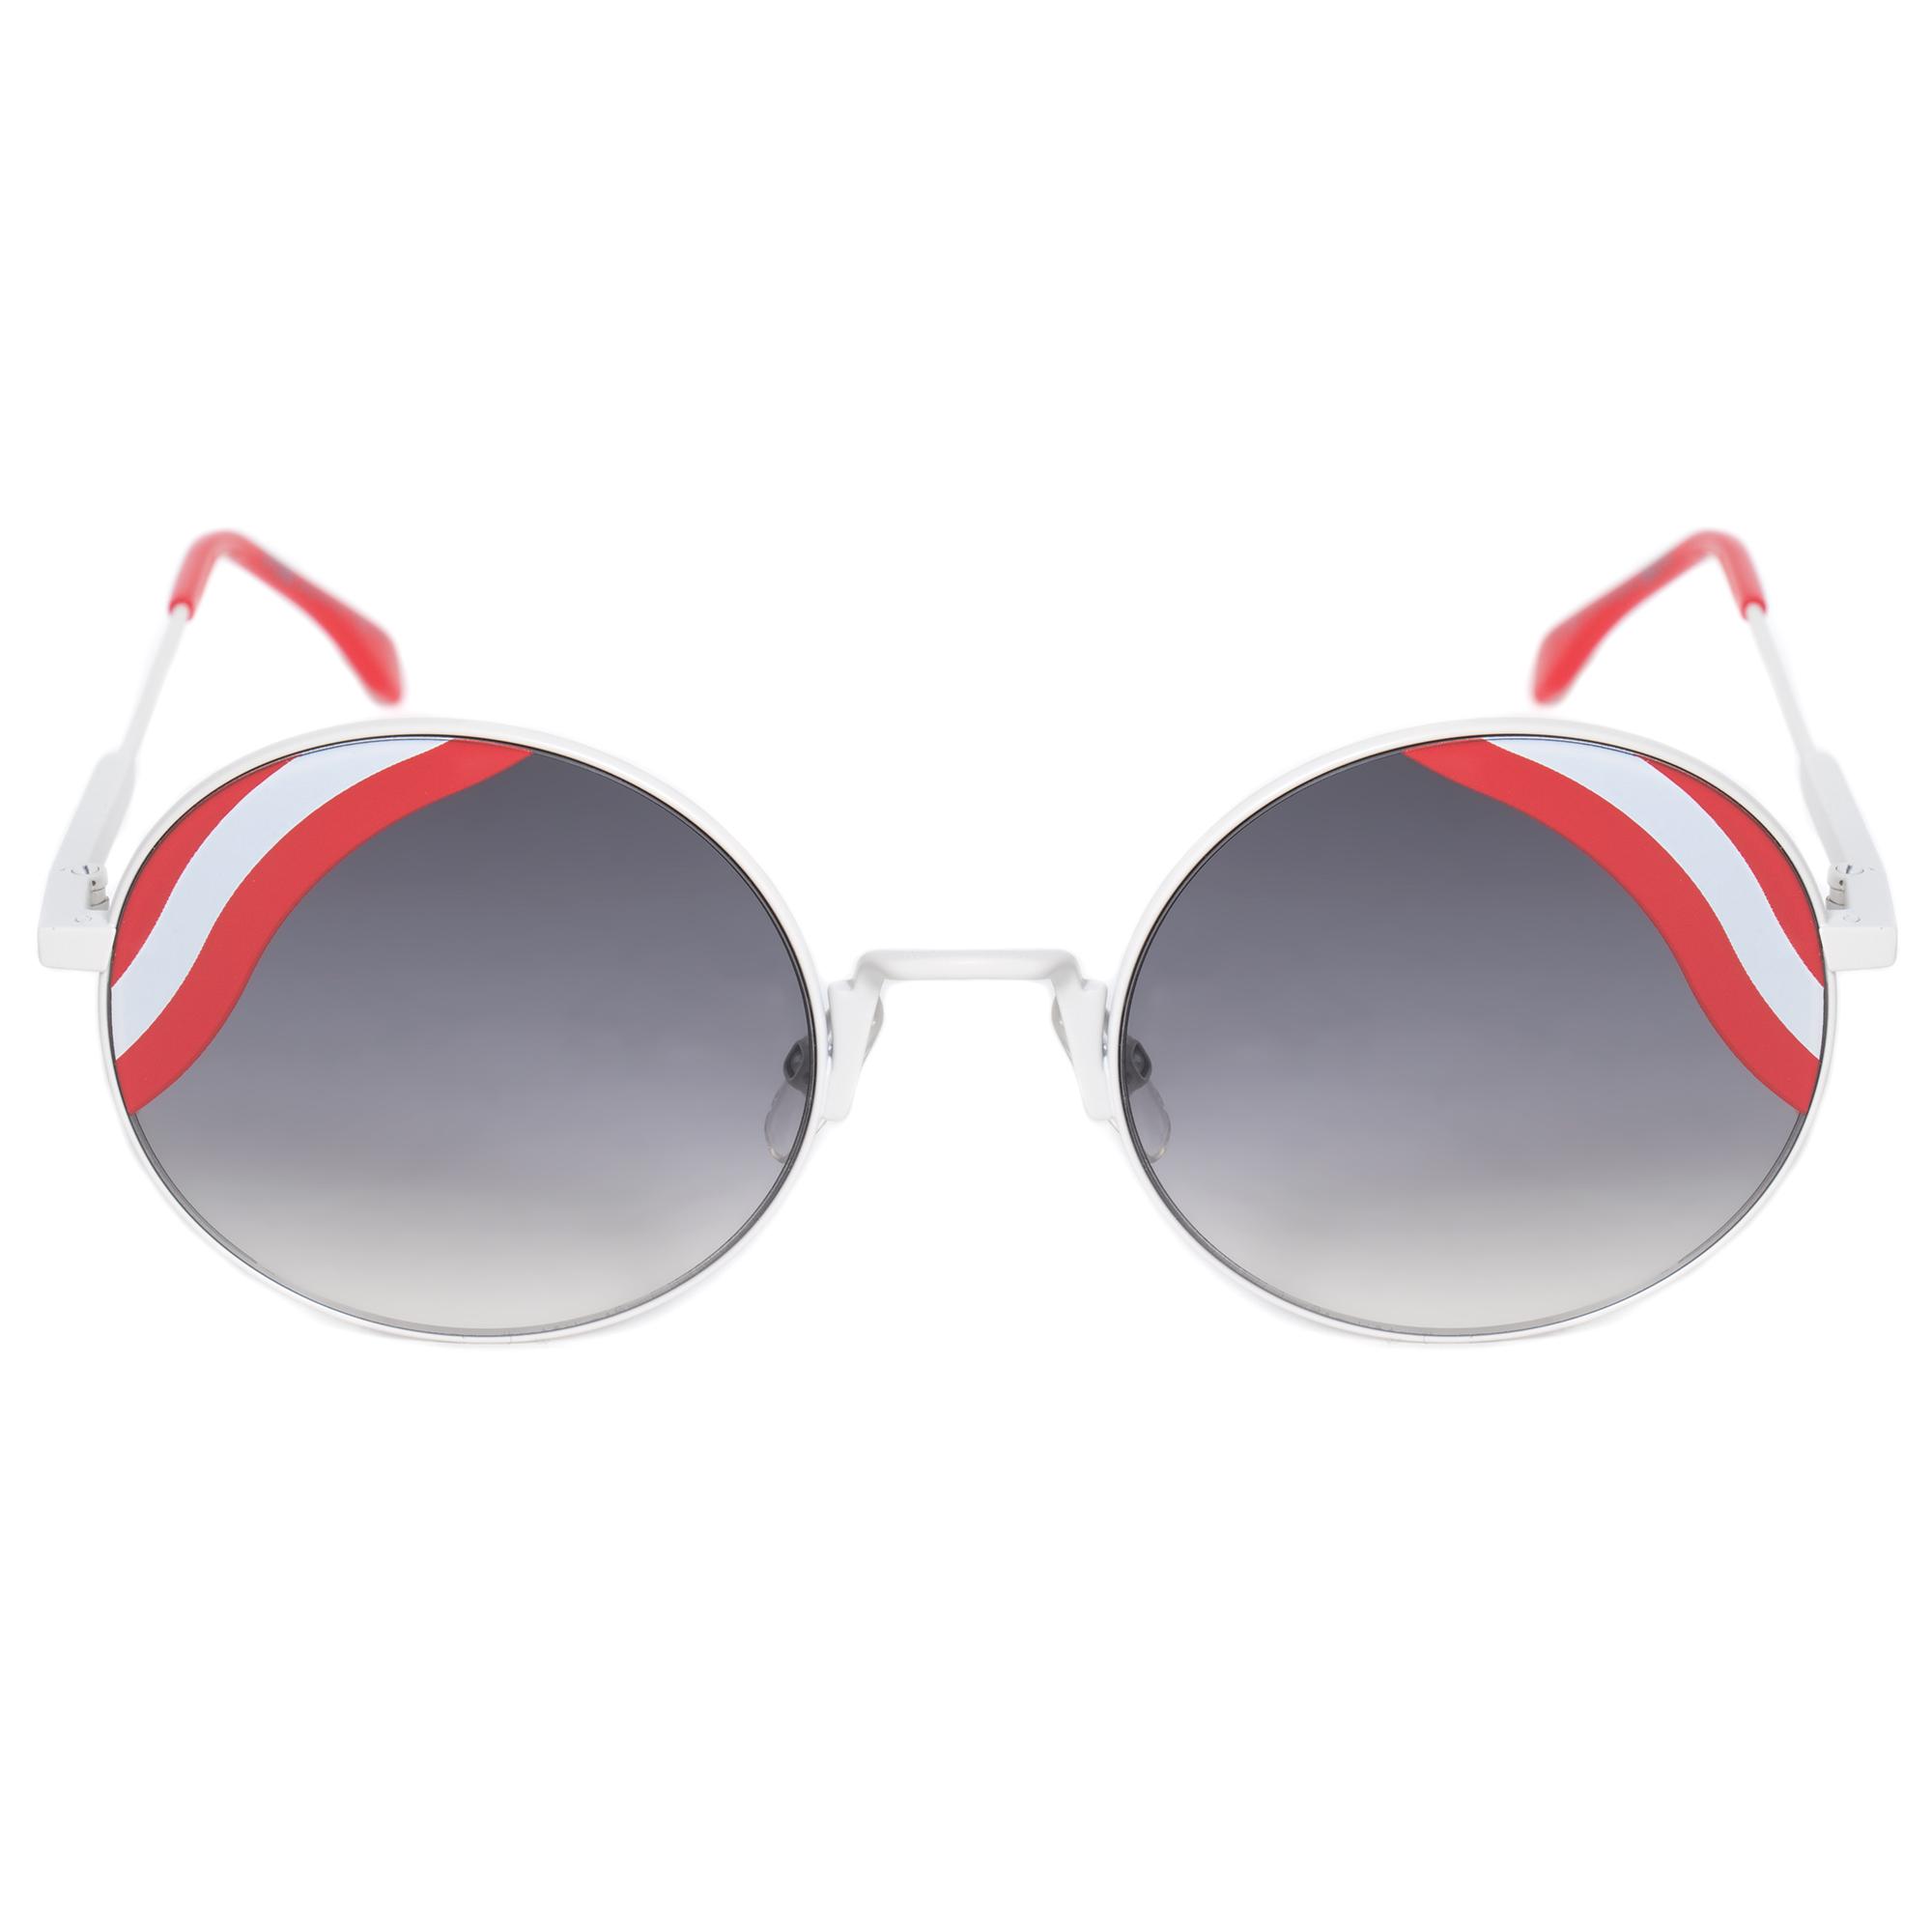 d9c578ac3772e Fendi Waves Round Sunglasses FF0248S VK6 9O 53 762753885487